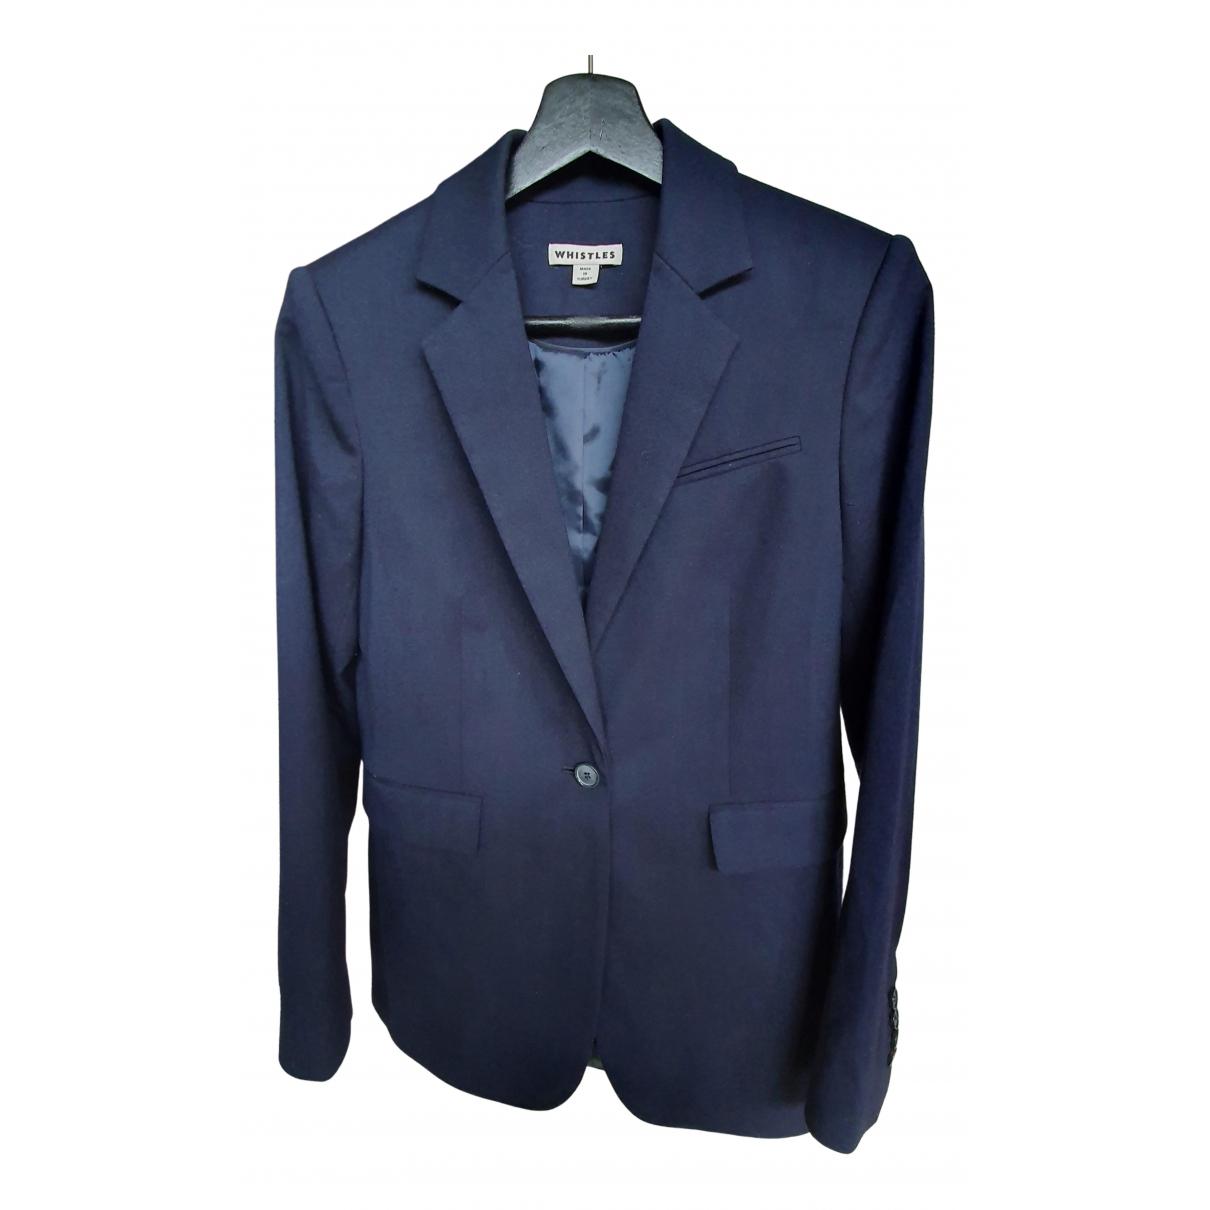 Whistles \N Jacke in  Blau Wolle